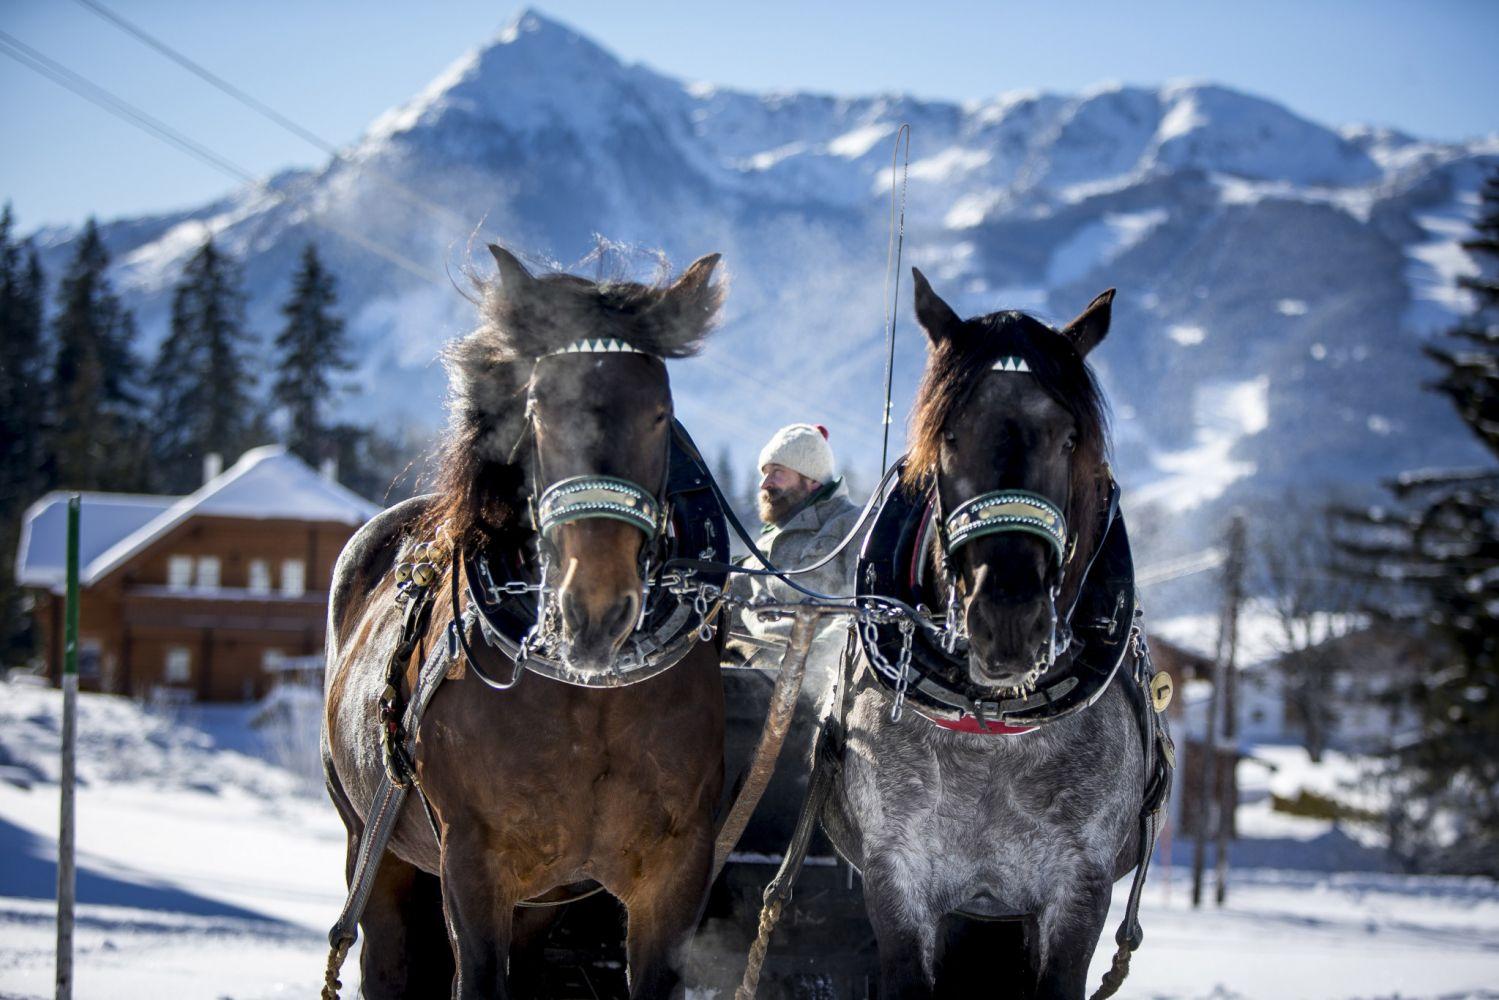 Mit dem Pferdeschlitten durch verträumte Winterlandschaften